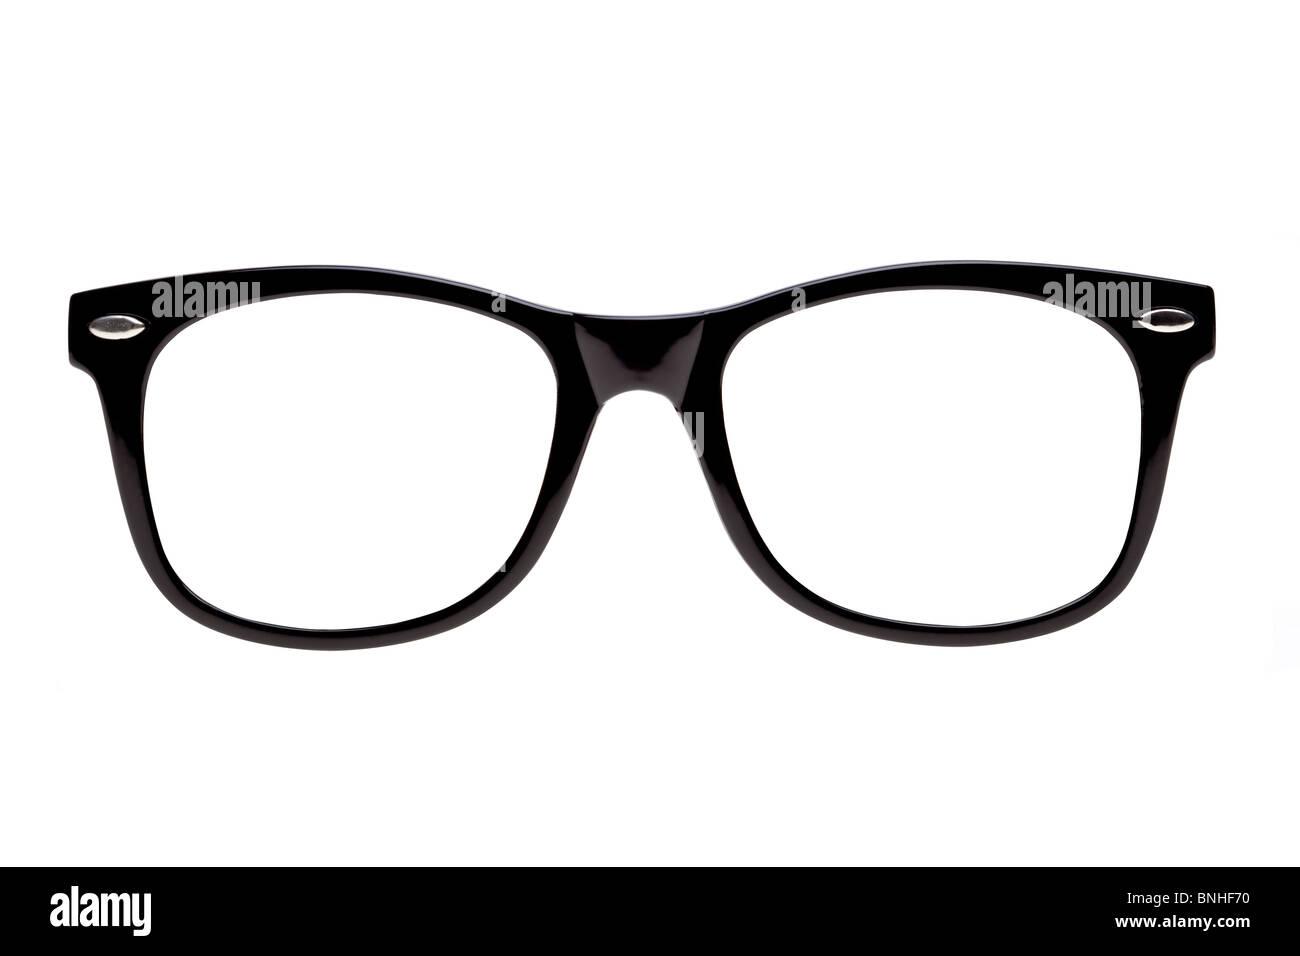 43f95e7d3a Foto de negro el tipo de monturas de gafas nerds desgaste, aislado en  blanco con